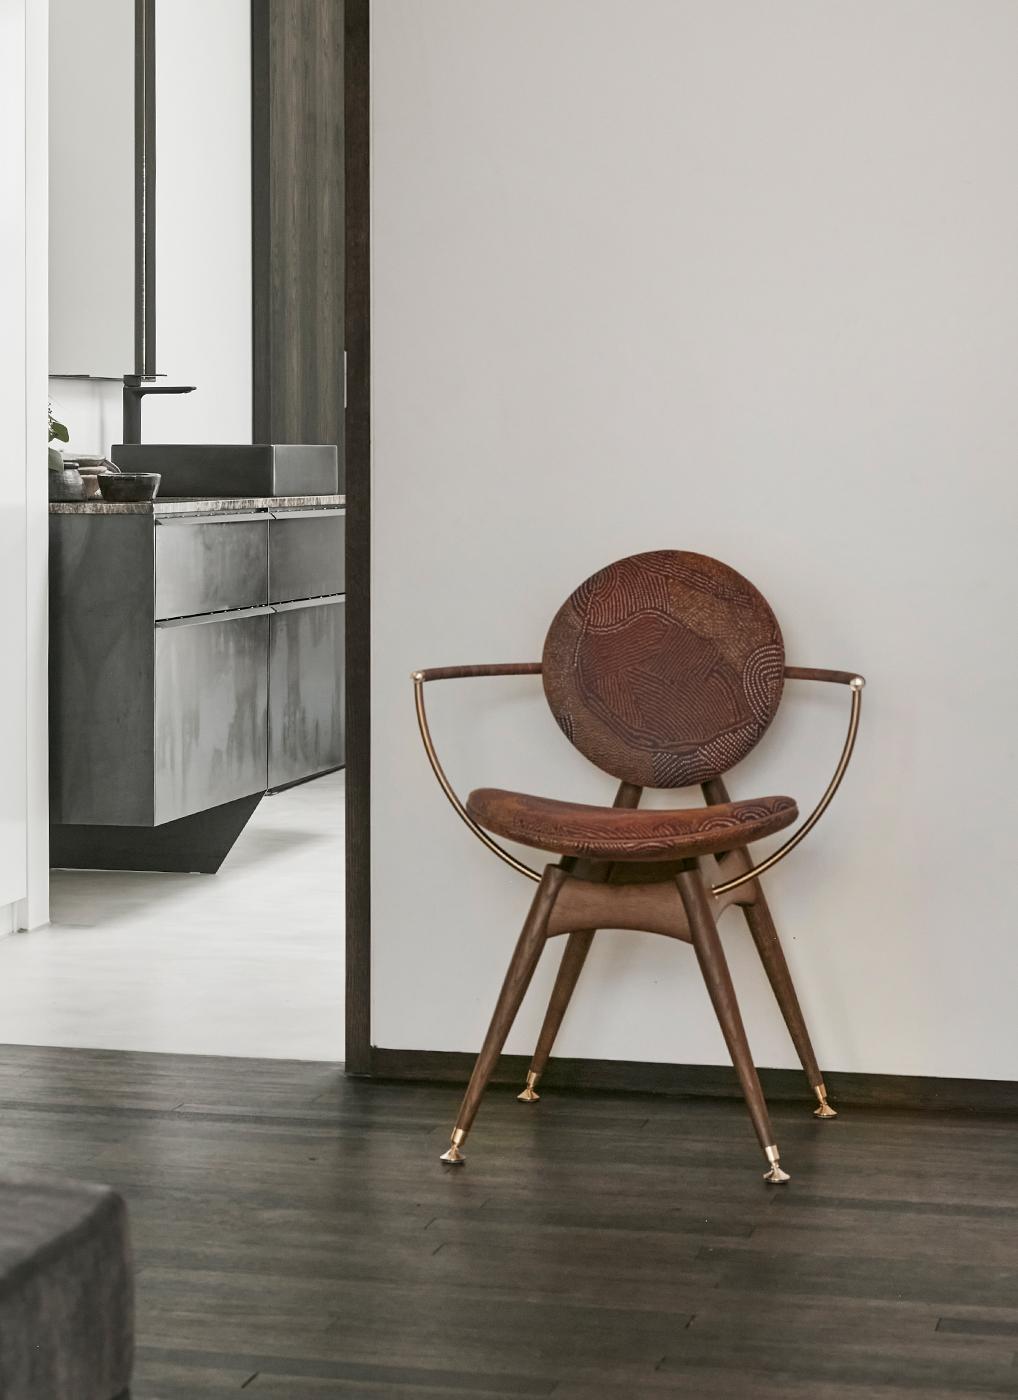 Circle Dining Chair in Maralinga fabric